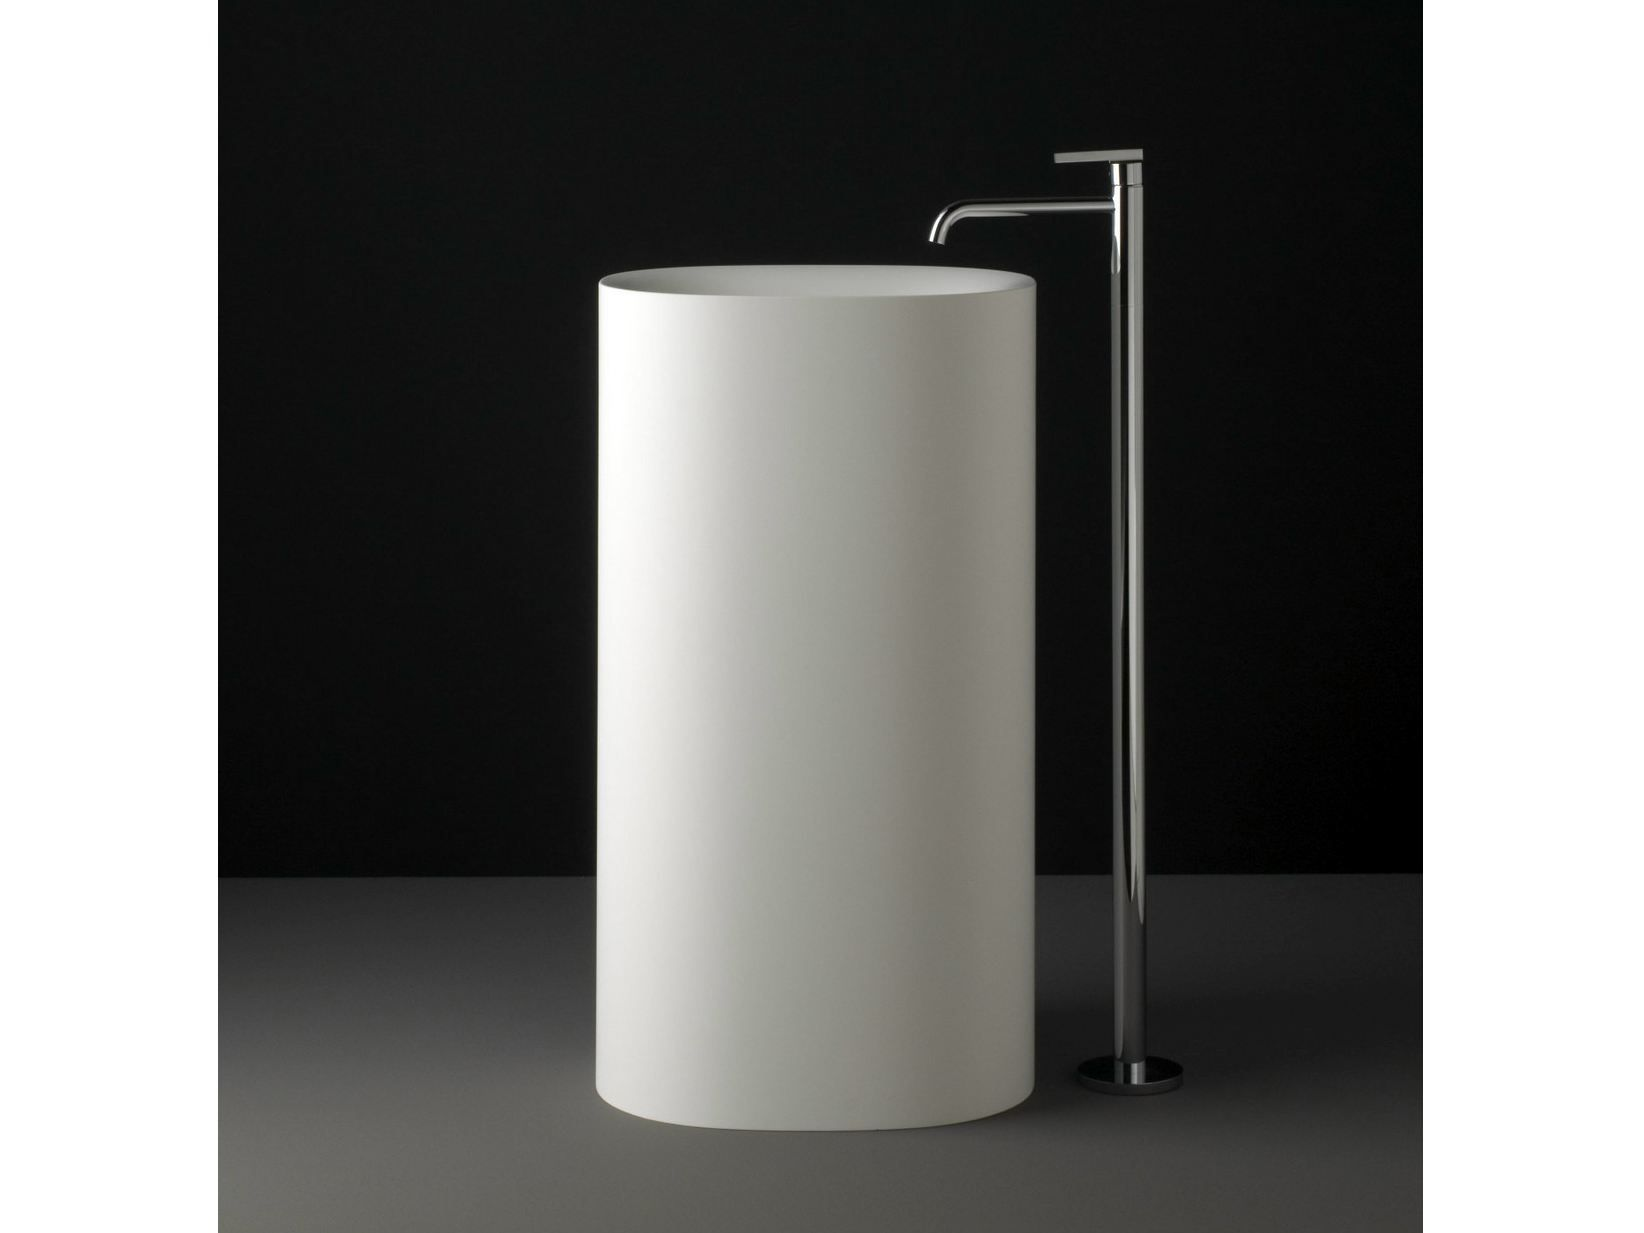 Vasche Da Bagno Boffi Prezzi : Scarica il catalogo e richiedi prezzi di sabbia lavabo